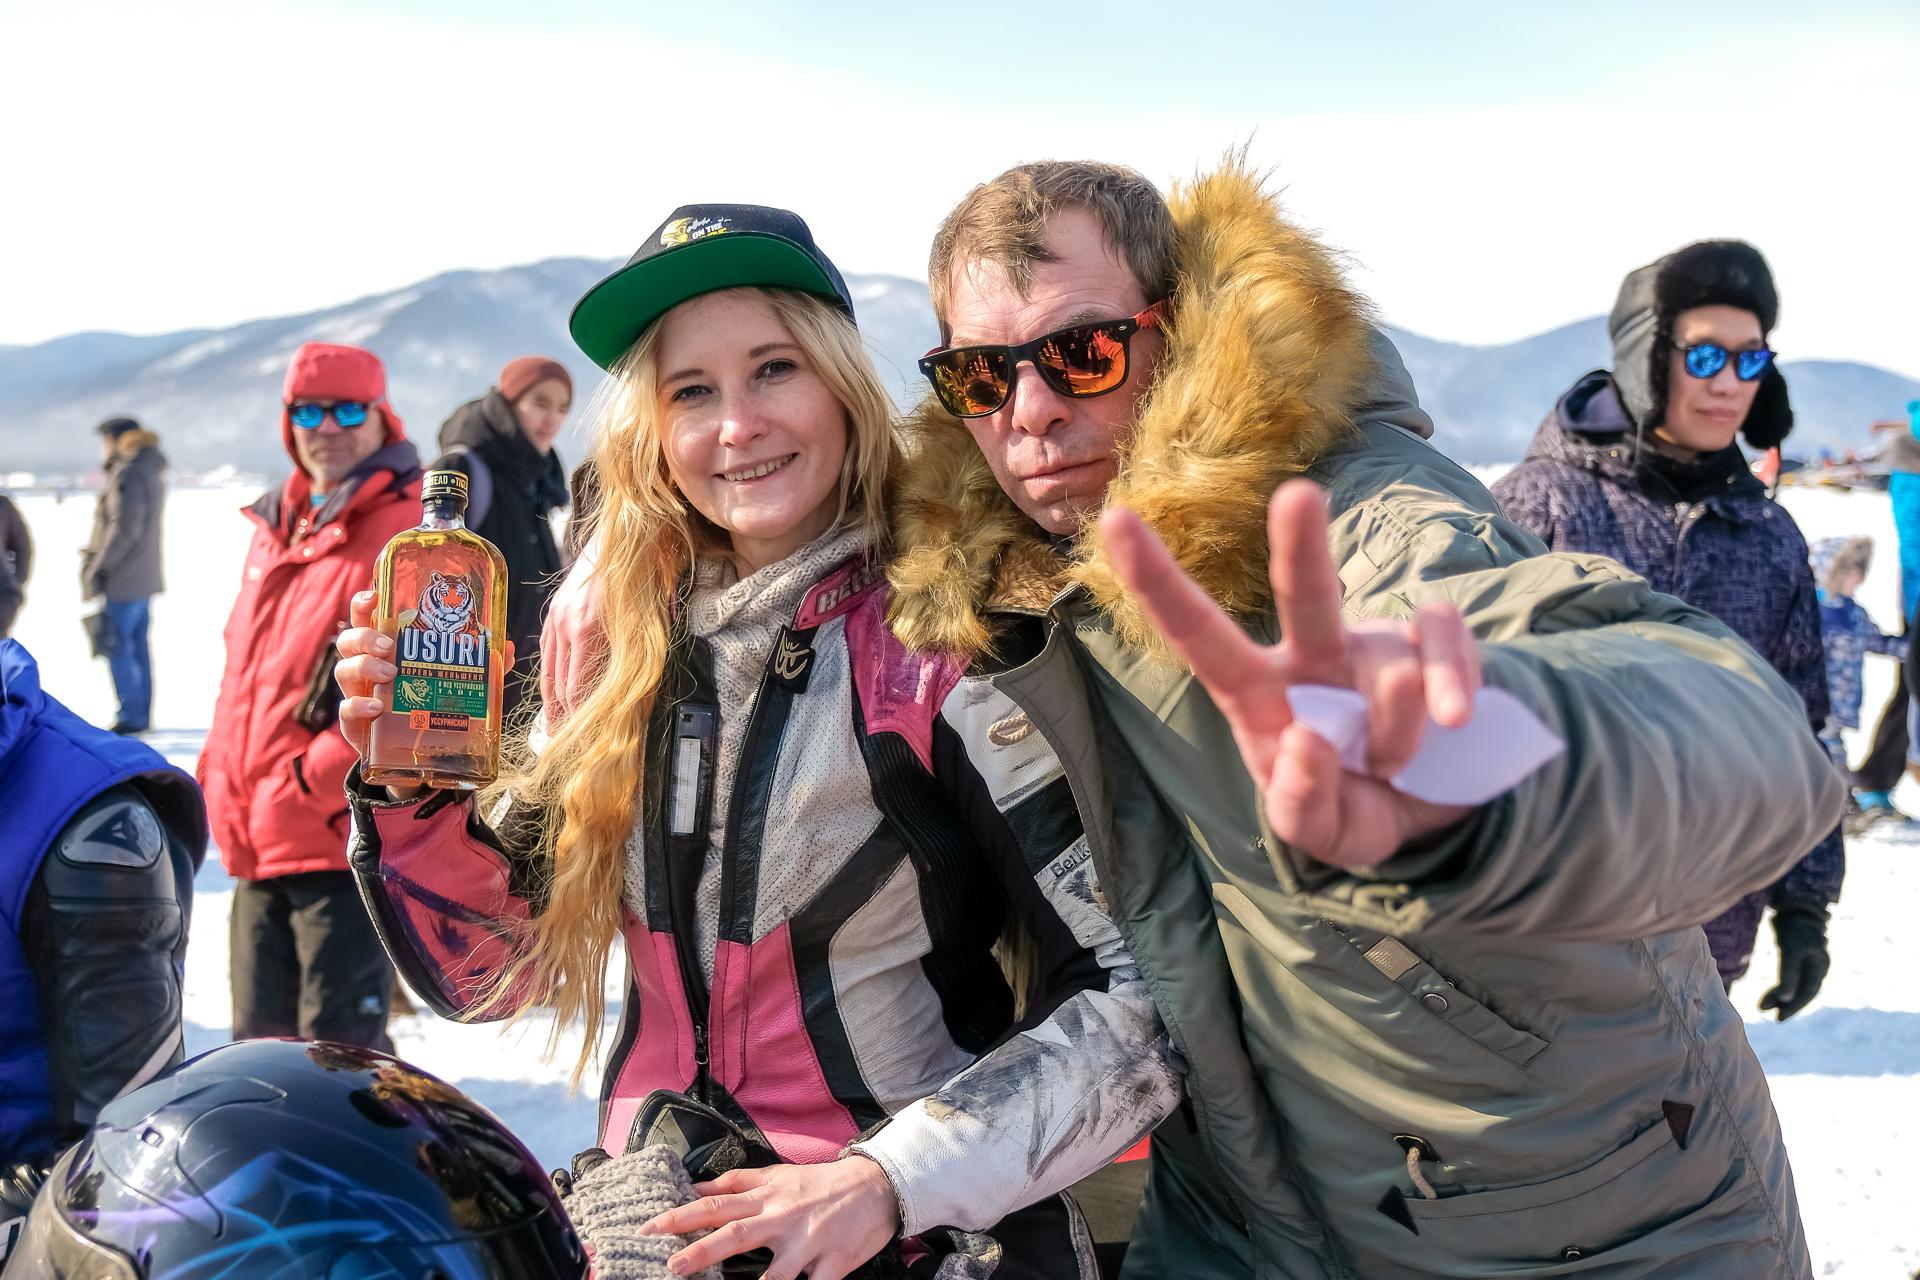 Байкальская Миля 2020 - Колпакова Екатерина Андреевна Yamaha R3 2015 RMS MotorSport